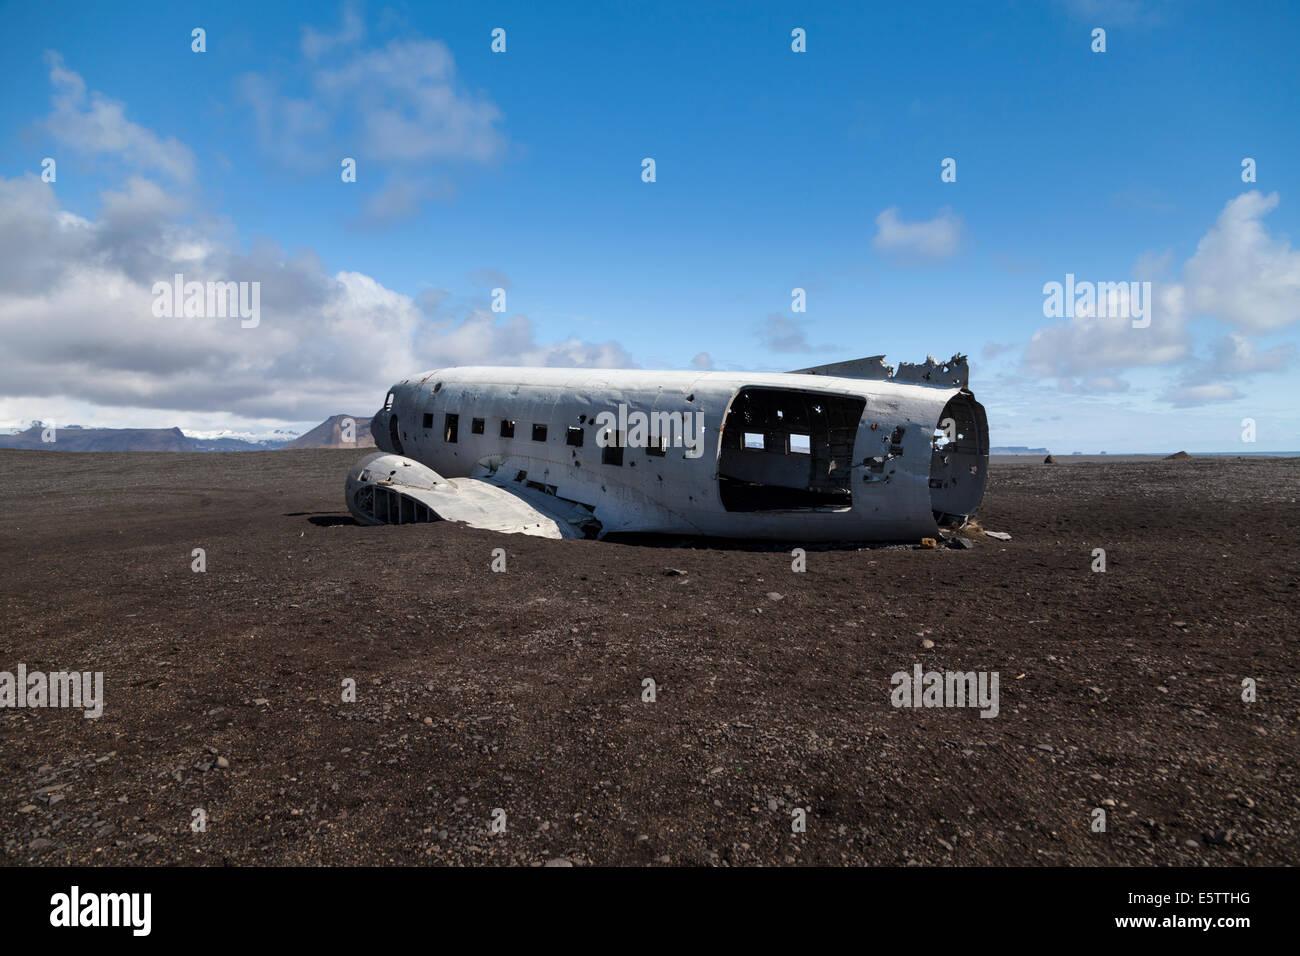 abandoned-wreckage-of-crashed-us-navy-douglas-c-47-skytrain-based-E5TTHG.jpg